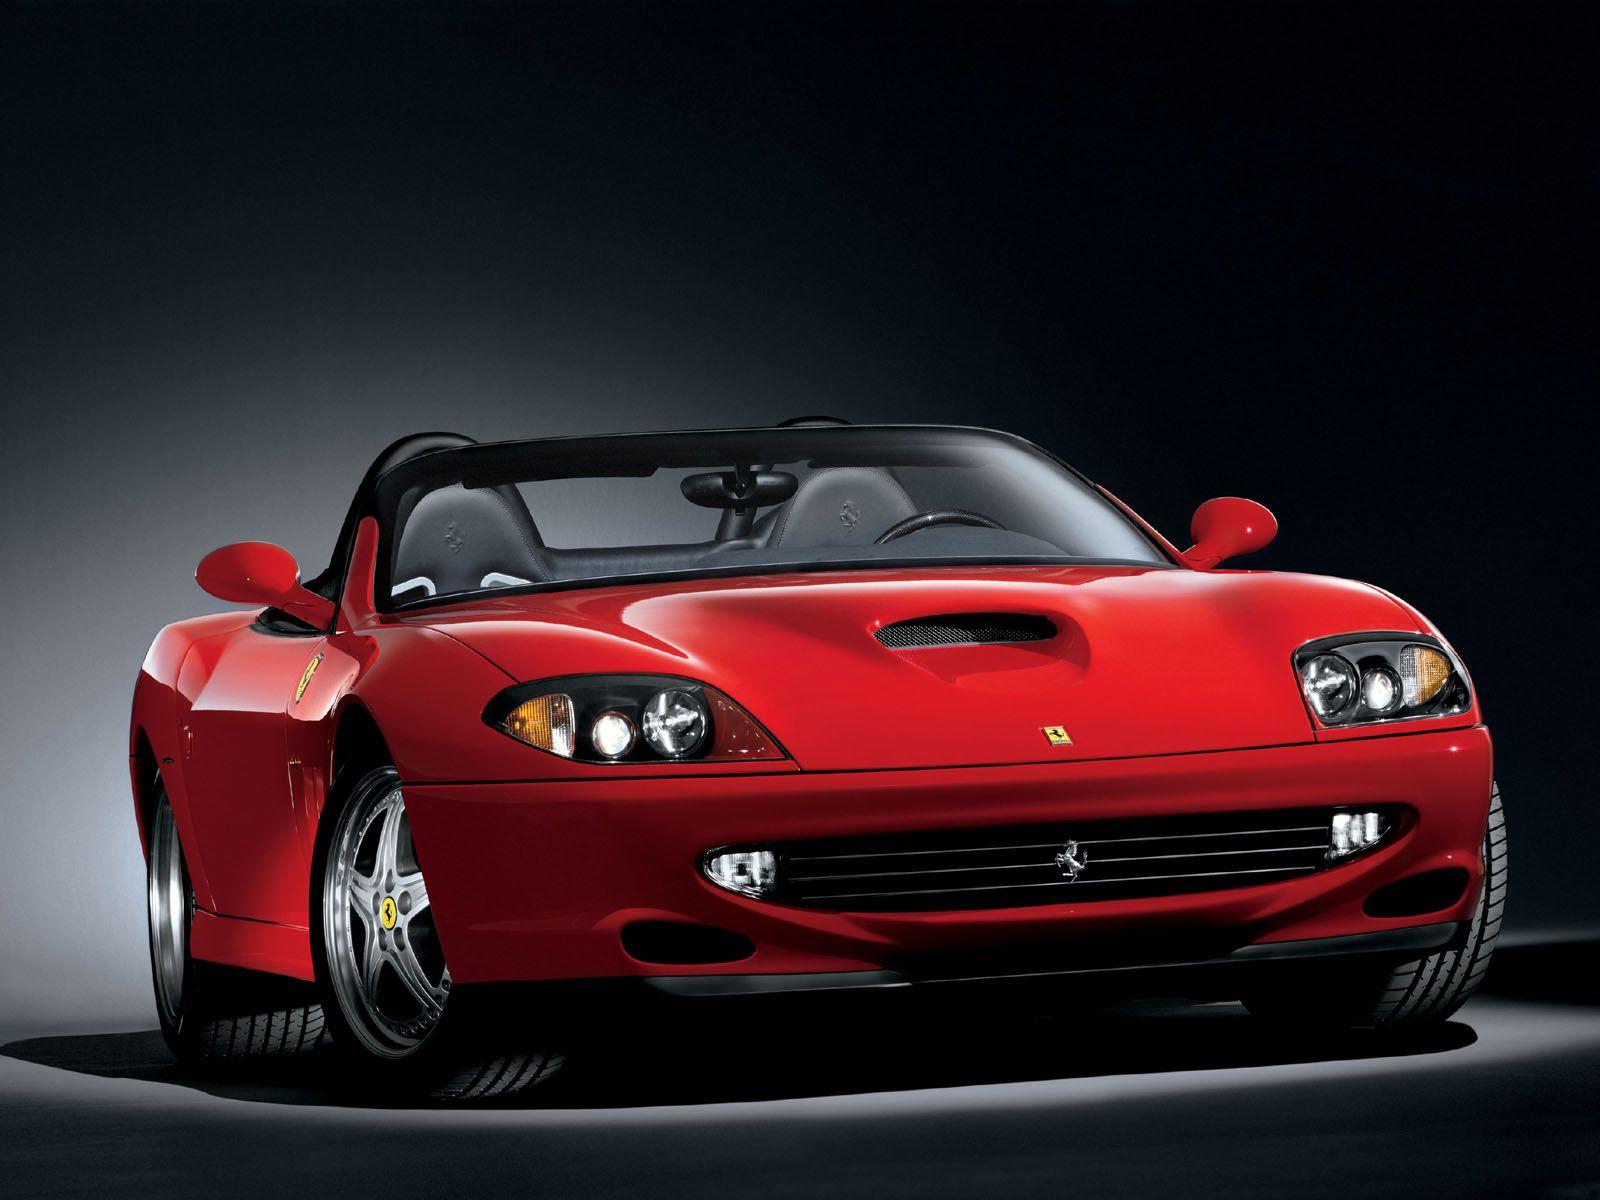 Red-Ferrari-550-Maranello-Wallpaper-1600x1200